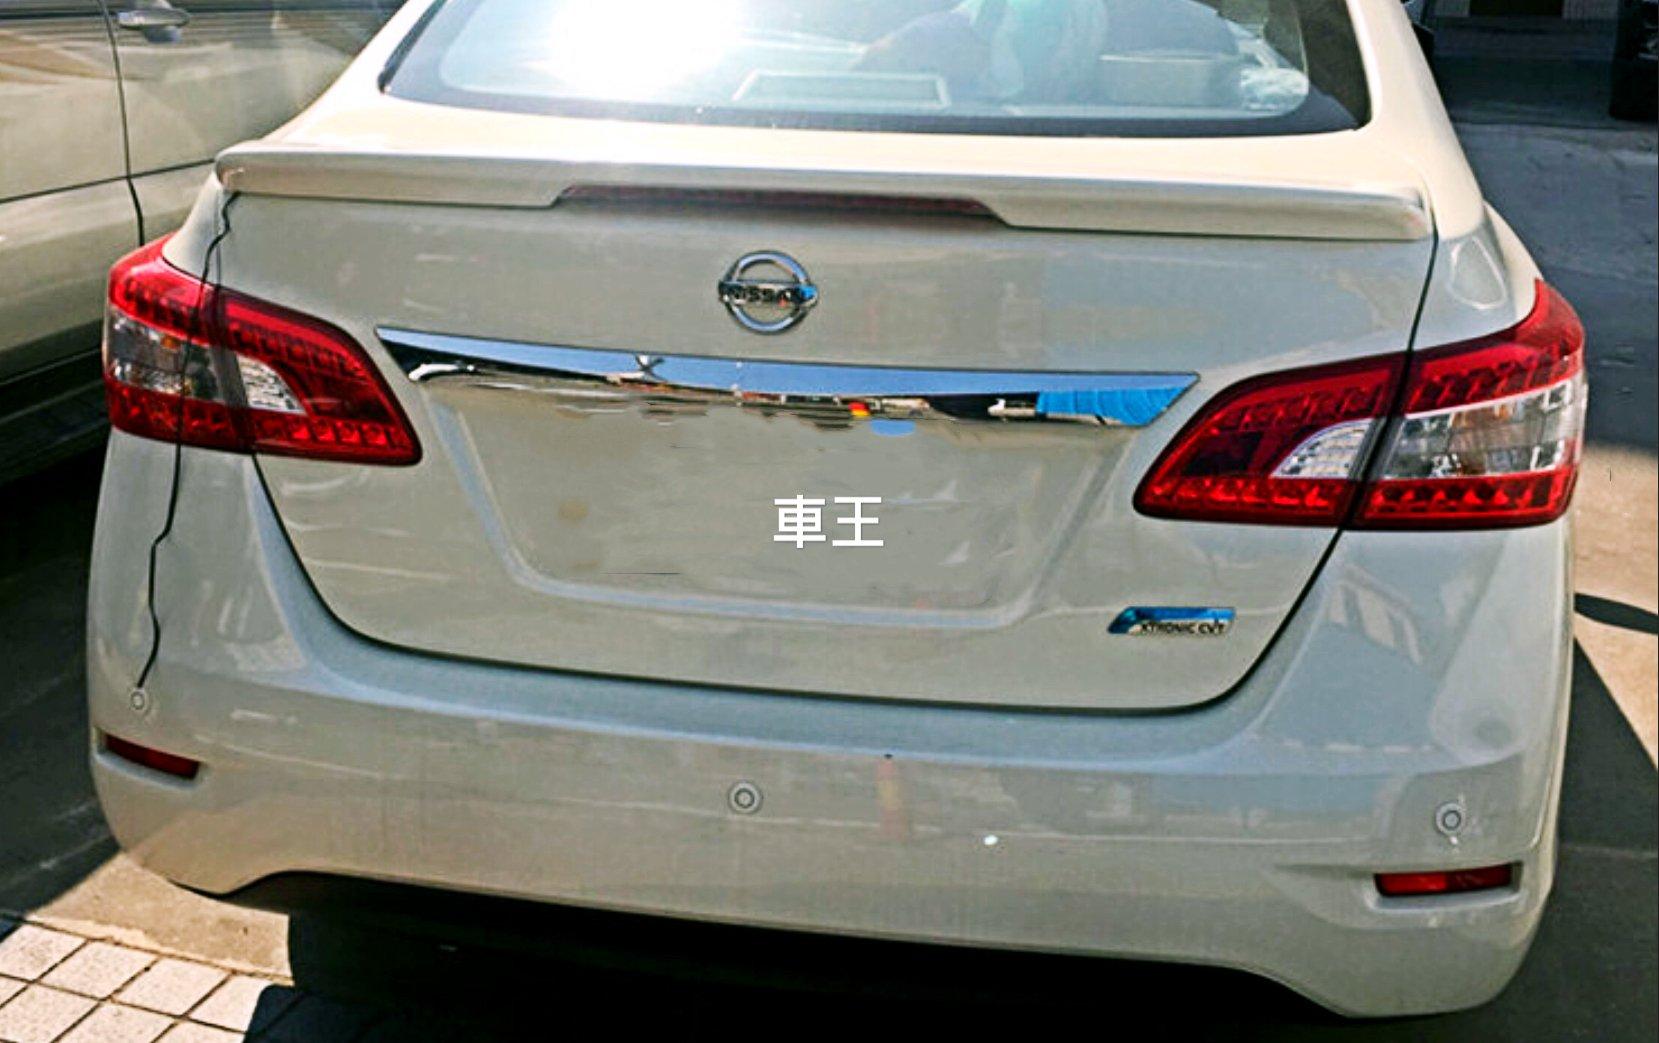 【車王汽車精品百貨】Nissan 日產 New super Sentra 定風翼 尾翼 壓尾翼 導流板 美規 LED燈